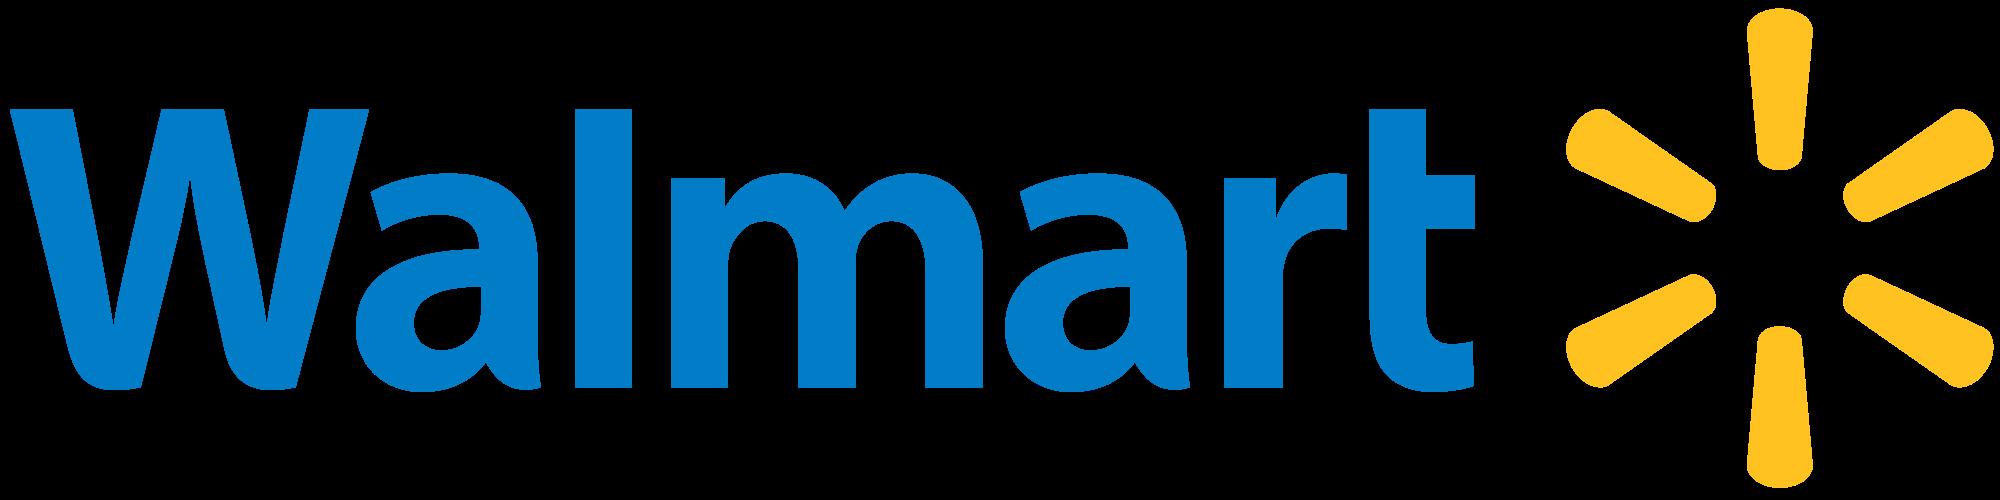 walmart .png